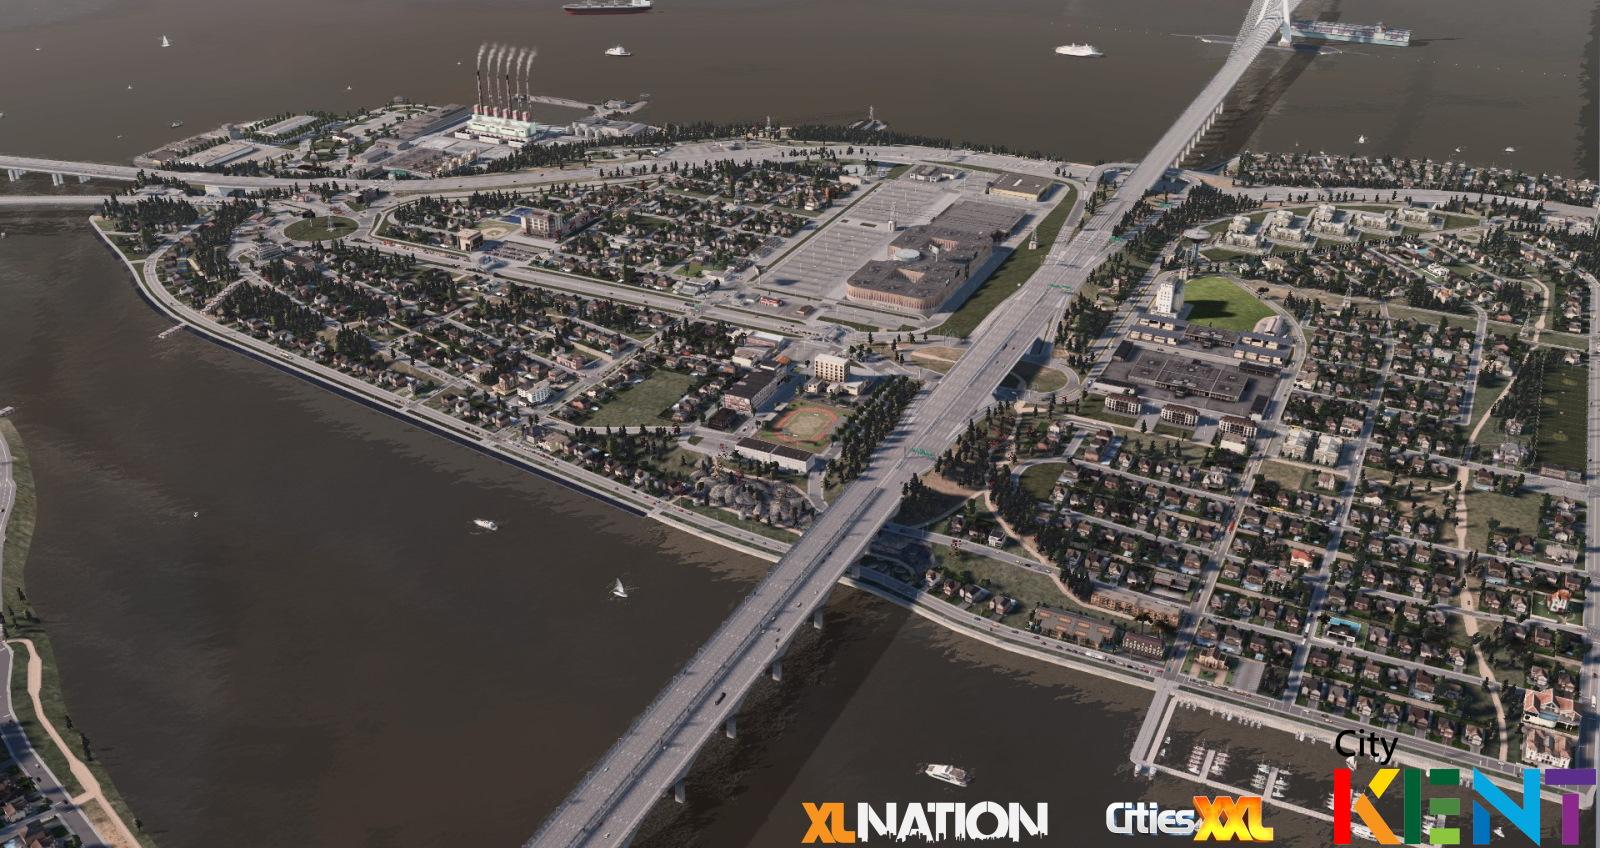 Pyne Point_KENT01_XLN_CitiesXXL.jpg